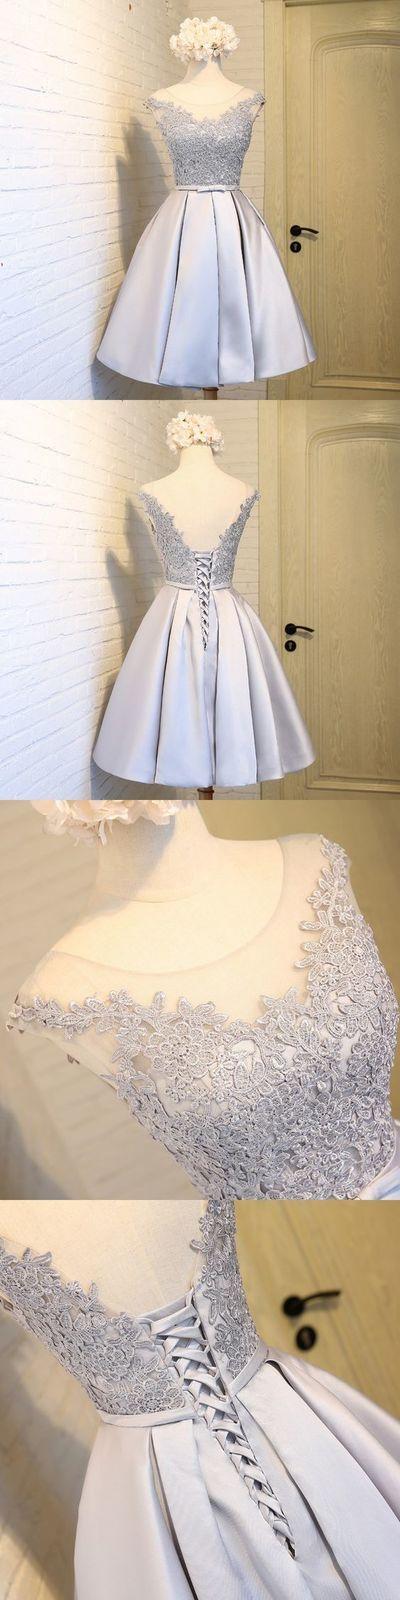 Gray Homecoming Dresses,Cheap Short Homecoming Dresses,Gray Homecoming Dress with lace